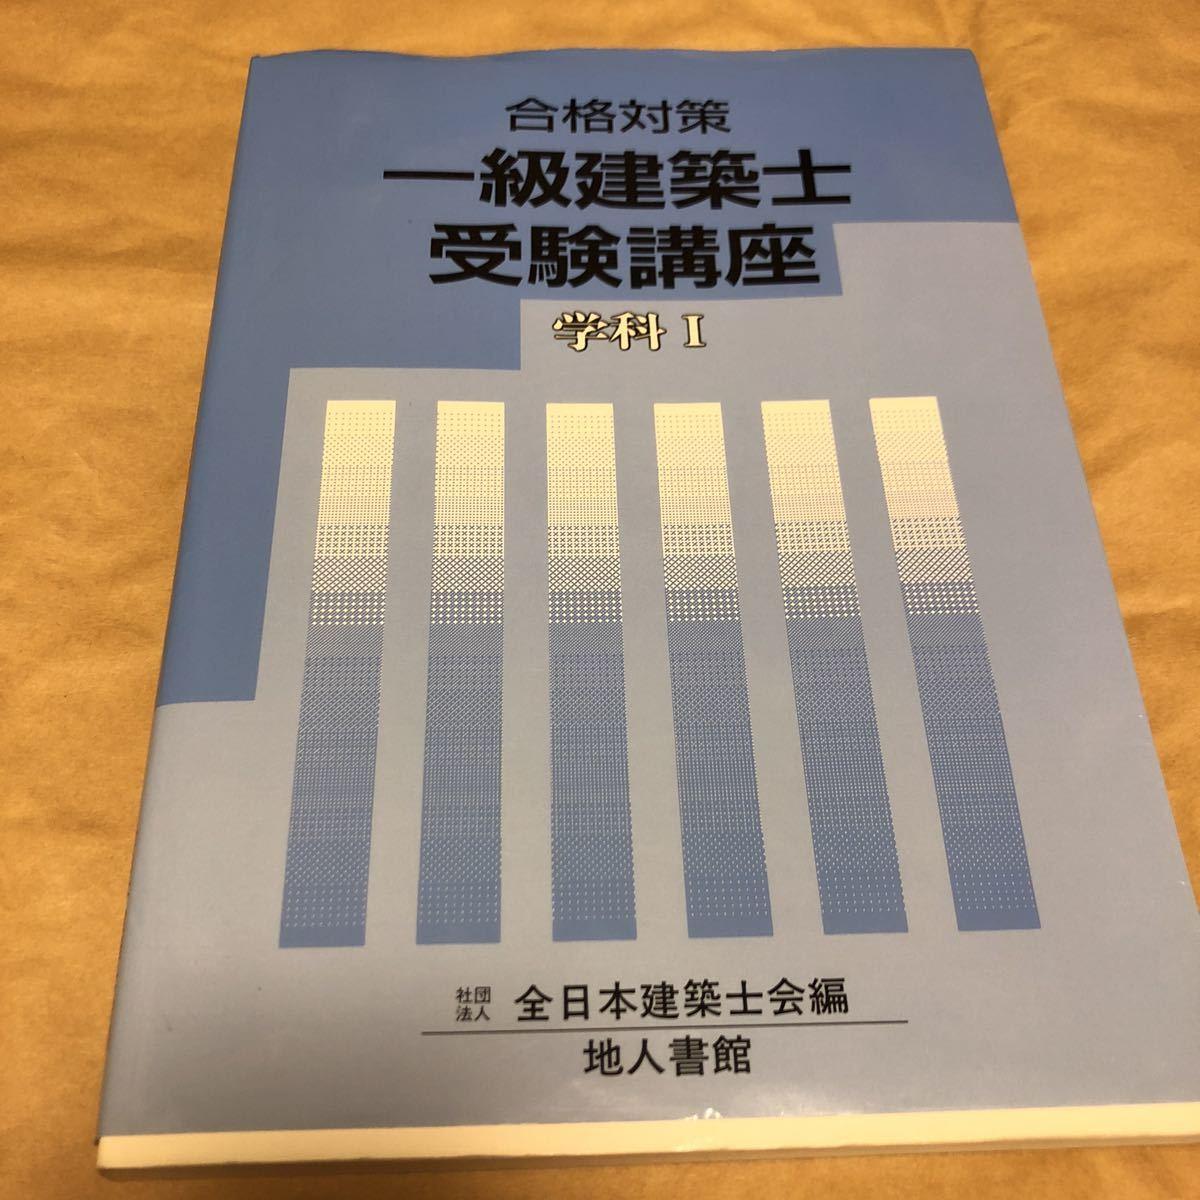 地人書館『合格対策 一級建築士 受験講座 学科Ⅰ』★即決★_画像1